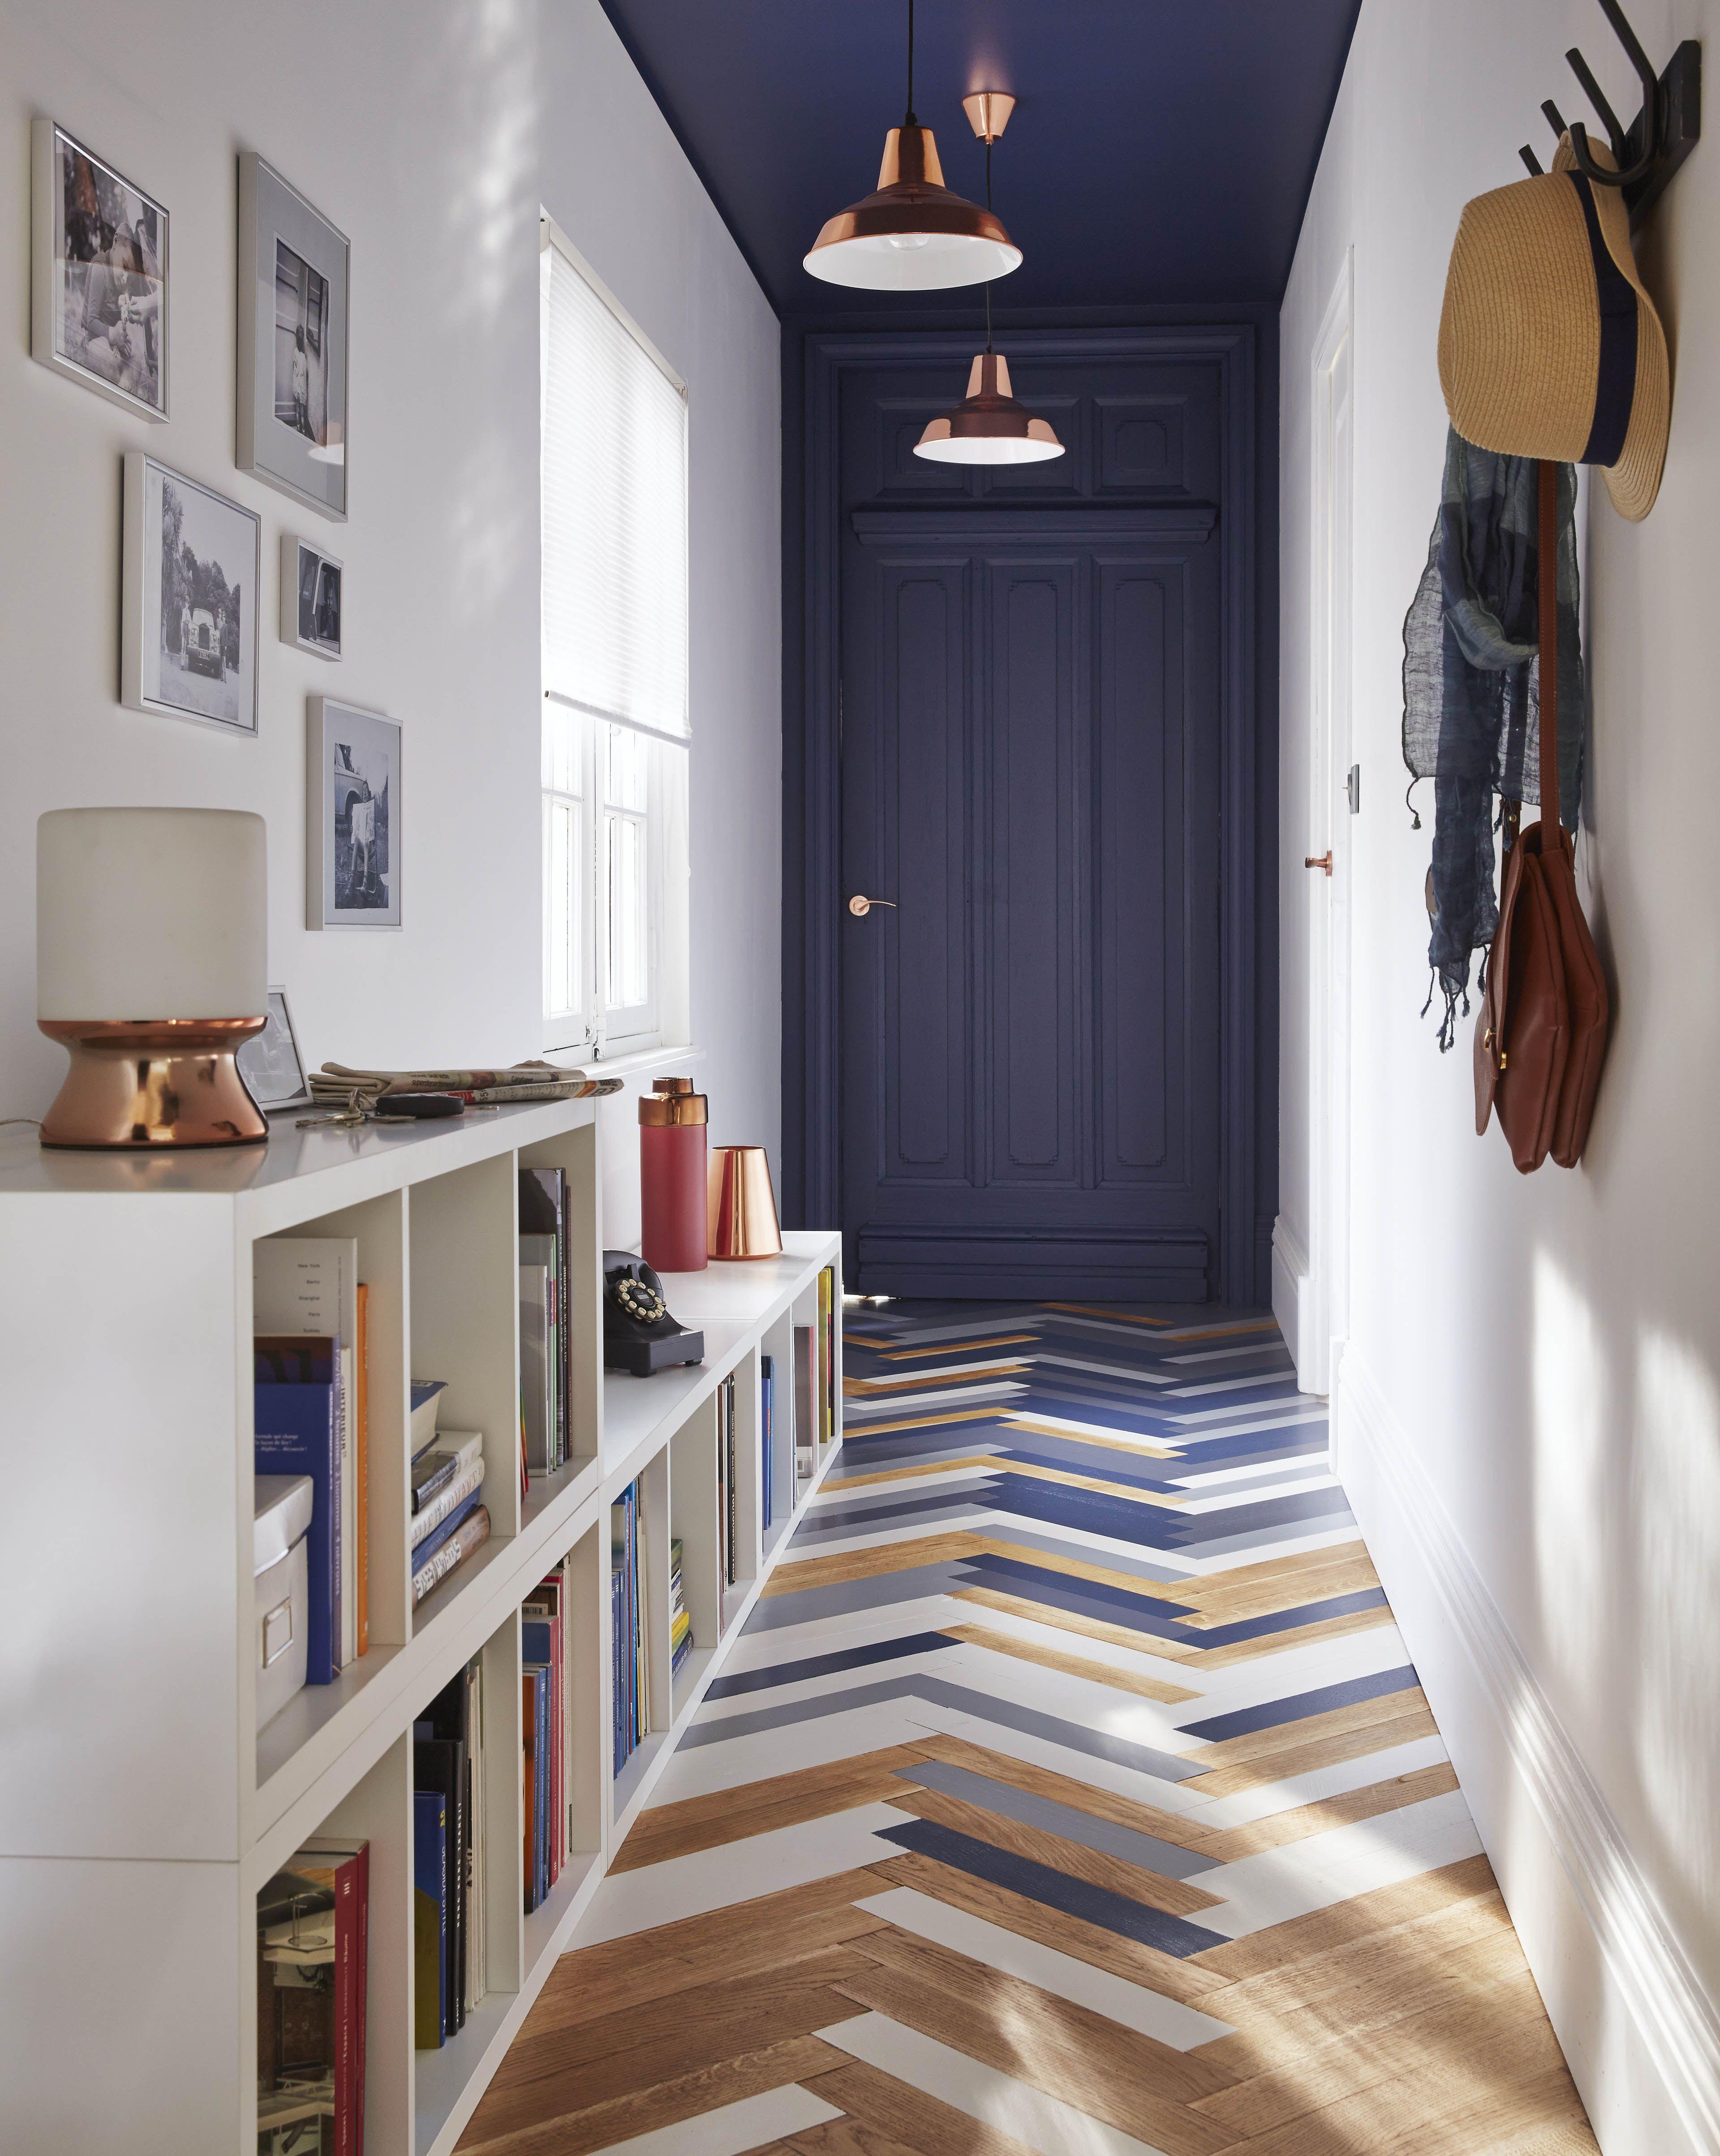 un joli couloir entre avec son parquet peint en tons de bleu ardoise et de blanc le bleu se rpand aussi sur le mur du fond et le plafond